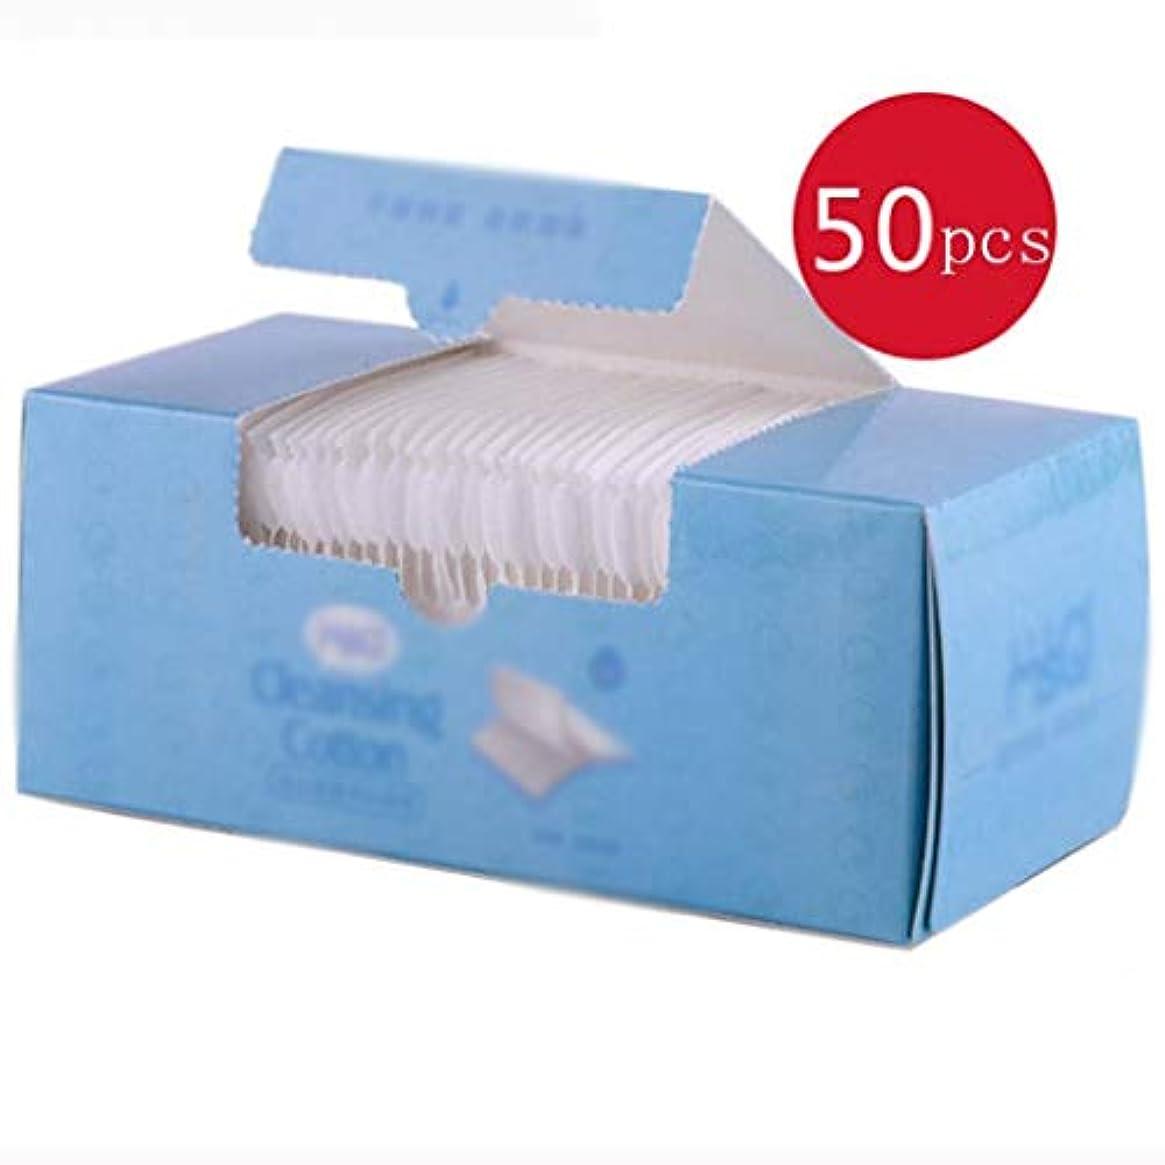 ディプロマせがむ過半数クレンジングシート 100%コットンパッドフェイスワイプ50ピース/セット3層ソフトクリーニングコットン両面フェイシャルメイク落とし化粧品ツール (Color : White, サイズ : 5*6cm)